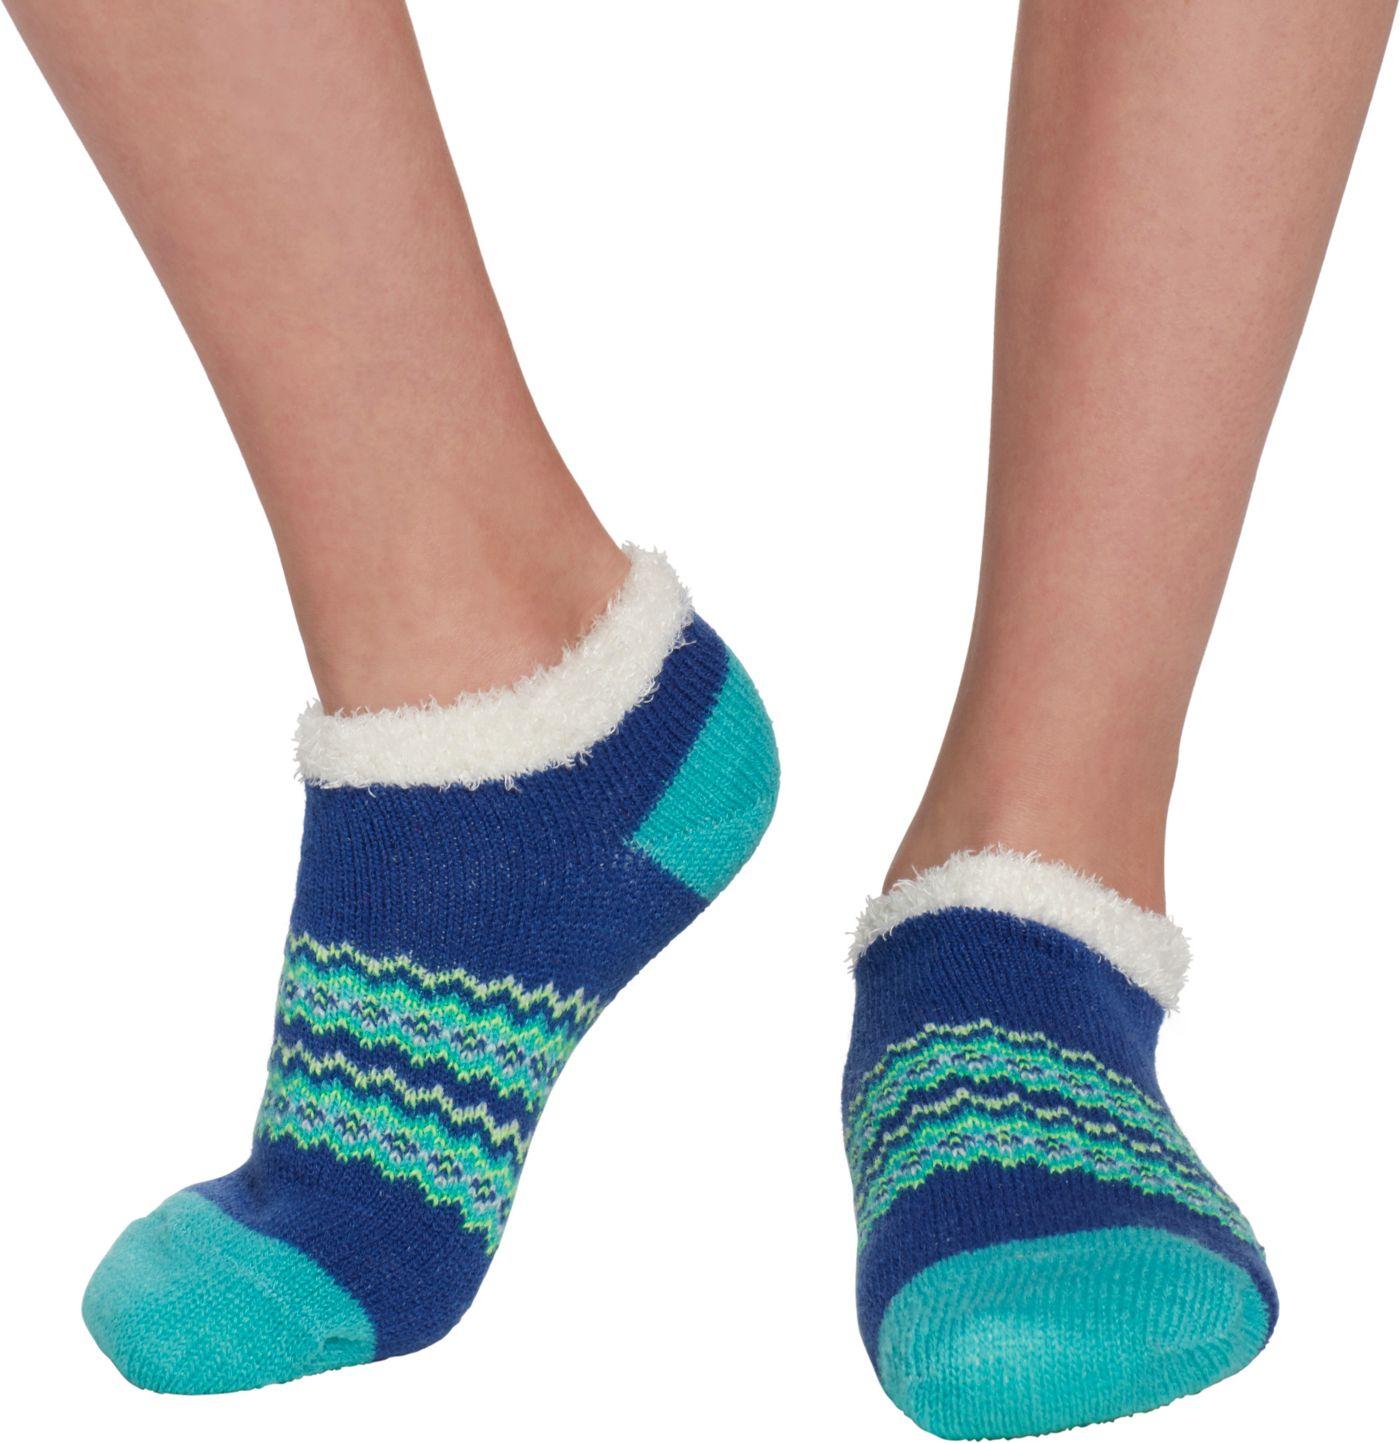 Field & Stream Girls' Cozy Cabin Fairisle Ankle Socks